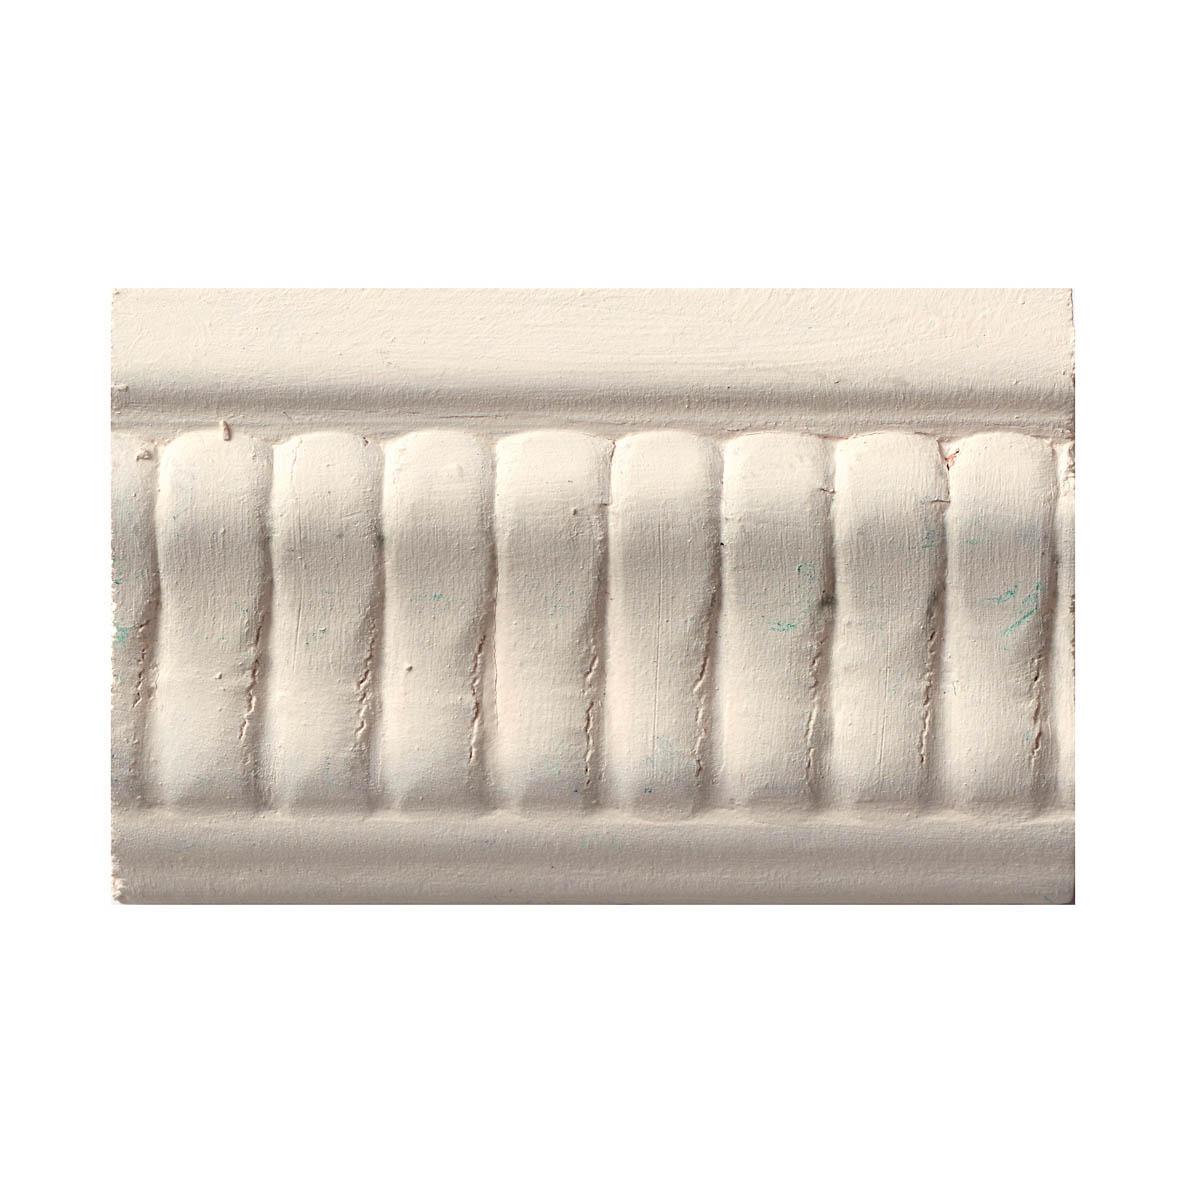 Waverly ® Inspirations Chalk Acrylic Paint - Ivory, 8 oz.